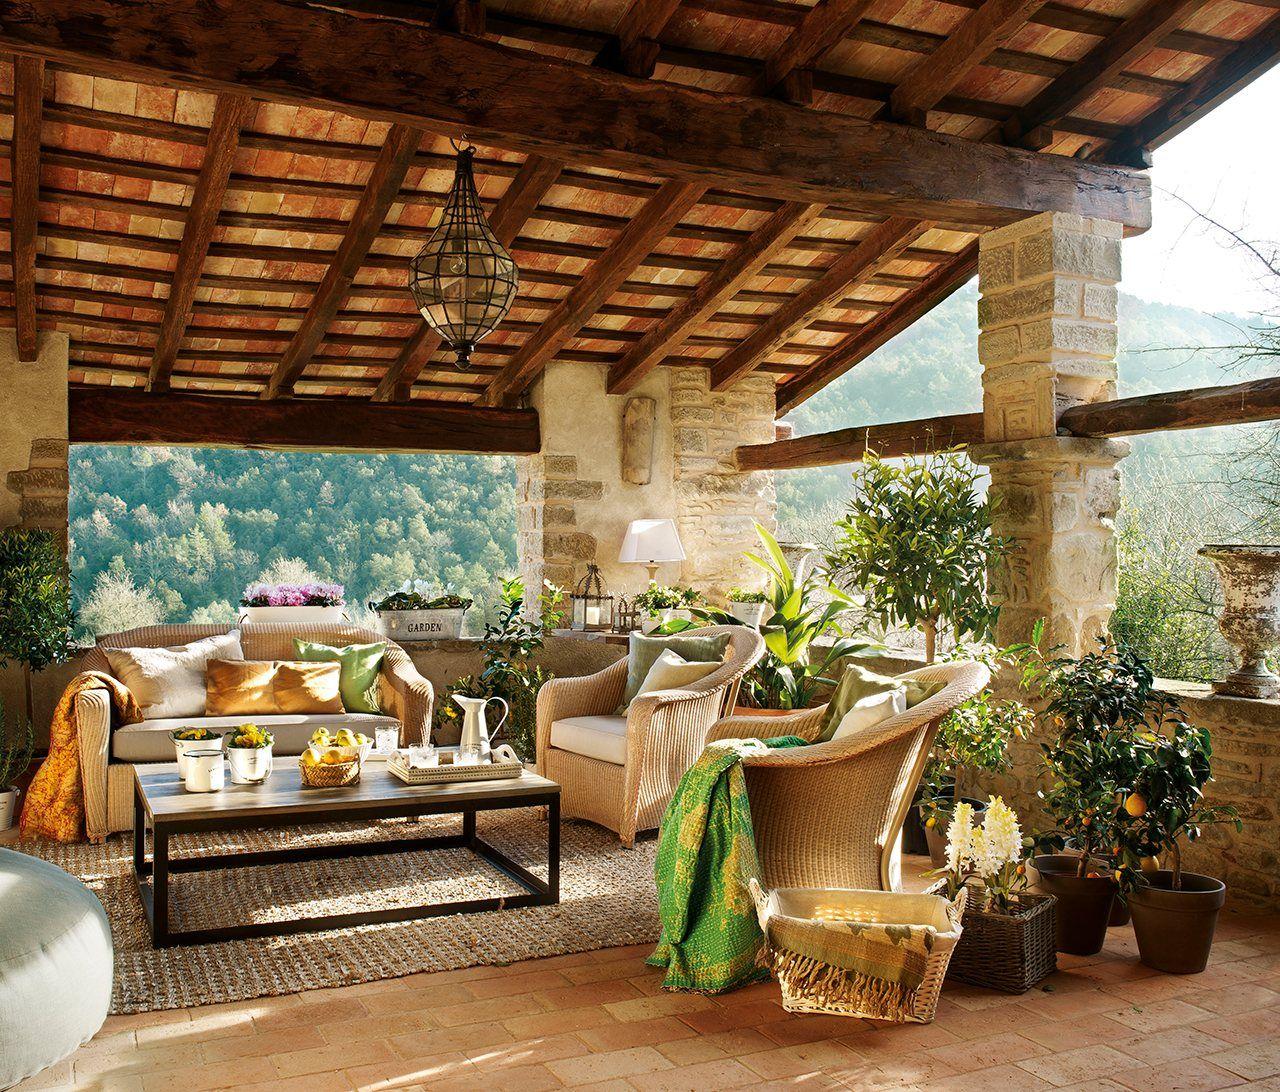 Una casa r stica con toques de estilo franc s ii for Ideas para terrazas rusticas